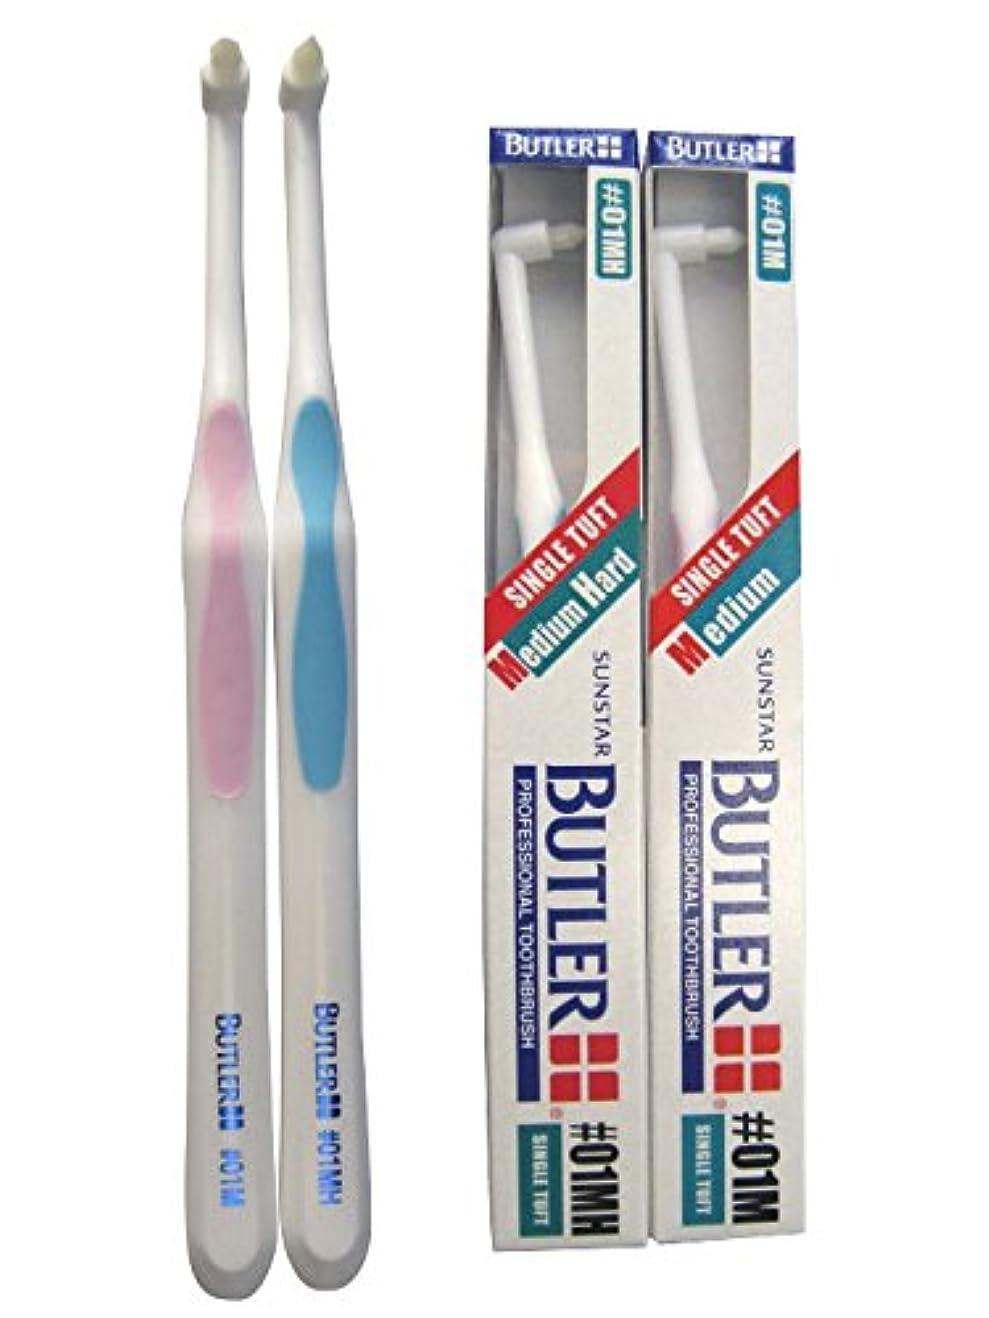 成長これまでスコア12本 サンスター バトラー ワンタフト歯ブラシ #01M #01MH (MH(ミディアムハード))